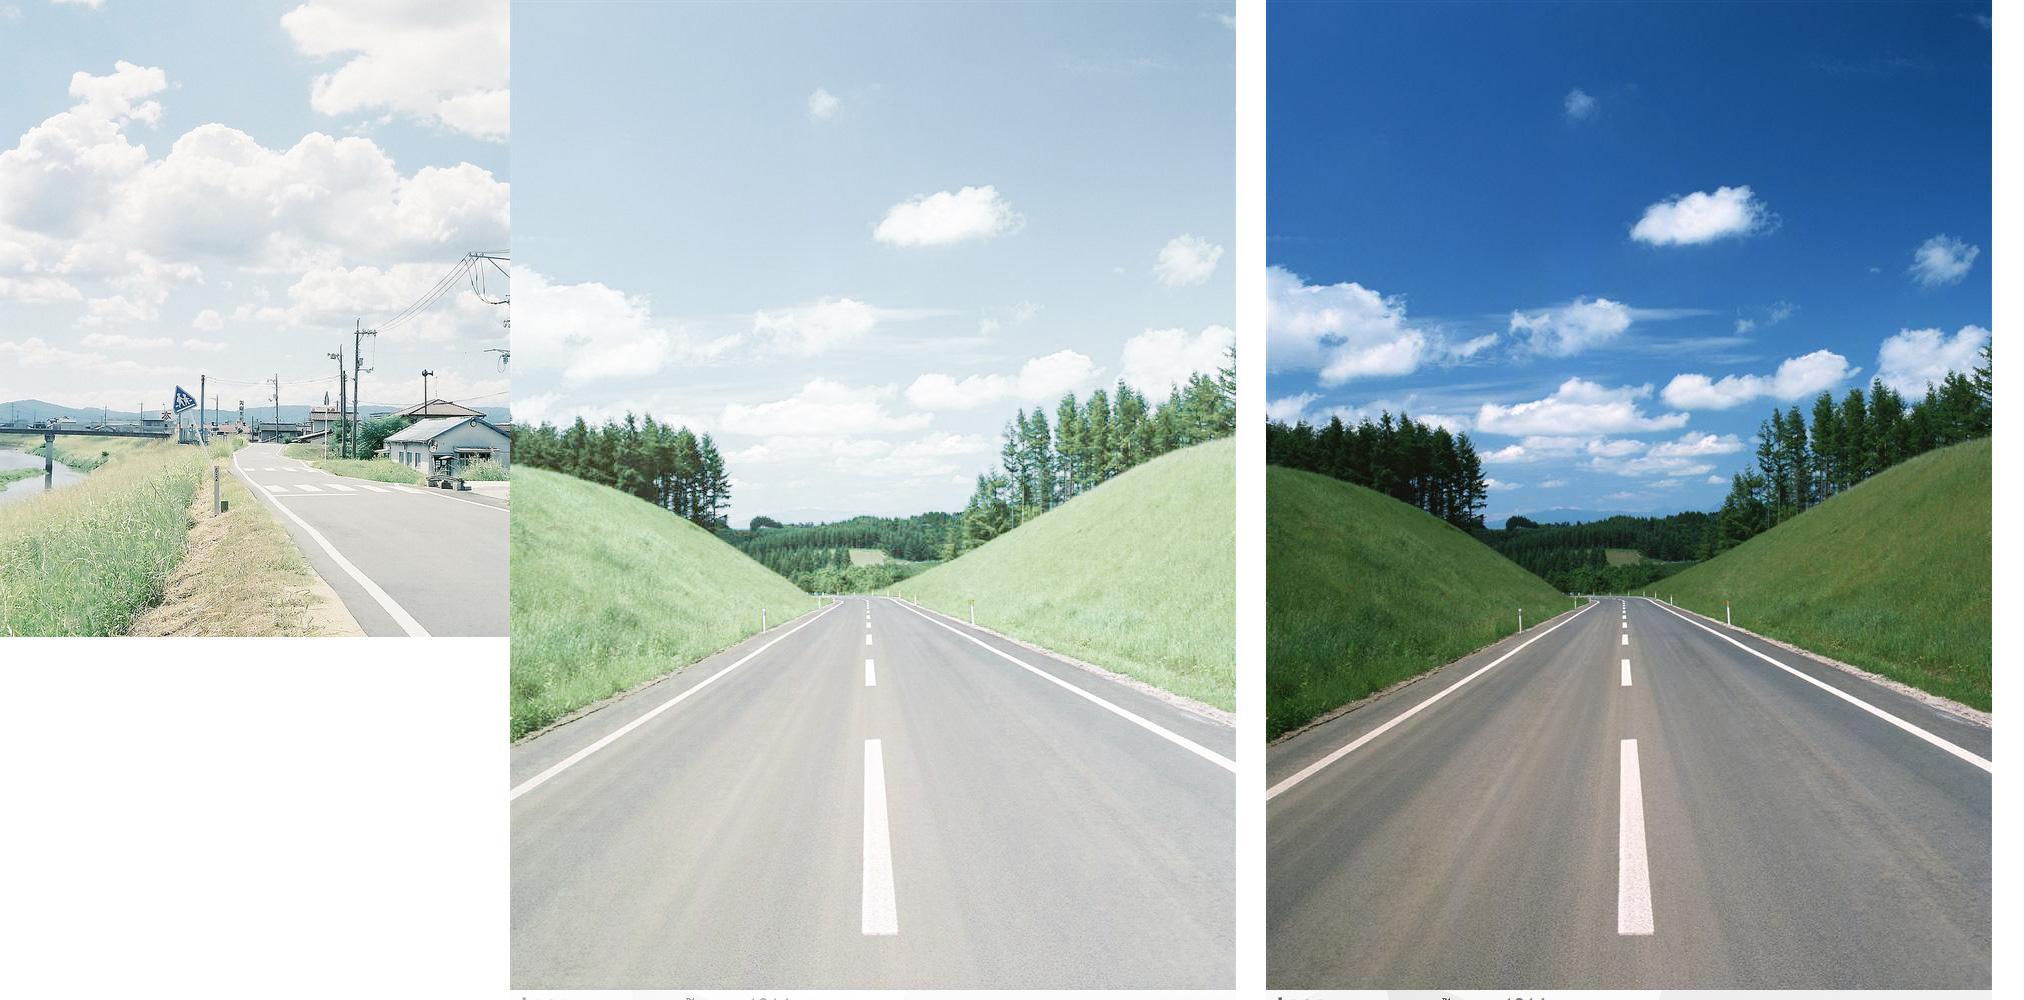 风格 这种/这种图片很简单。